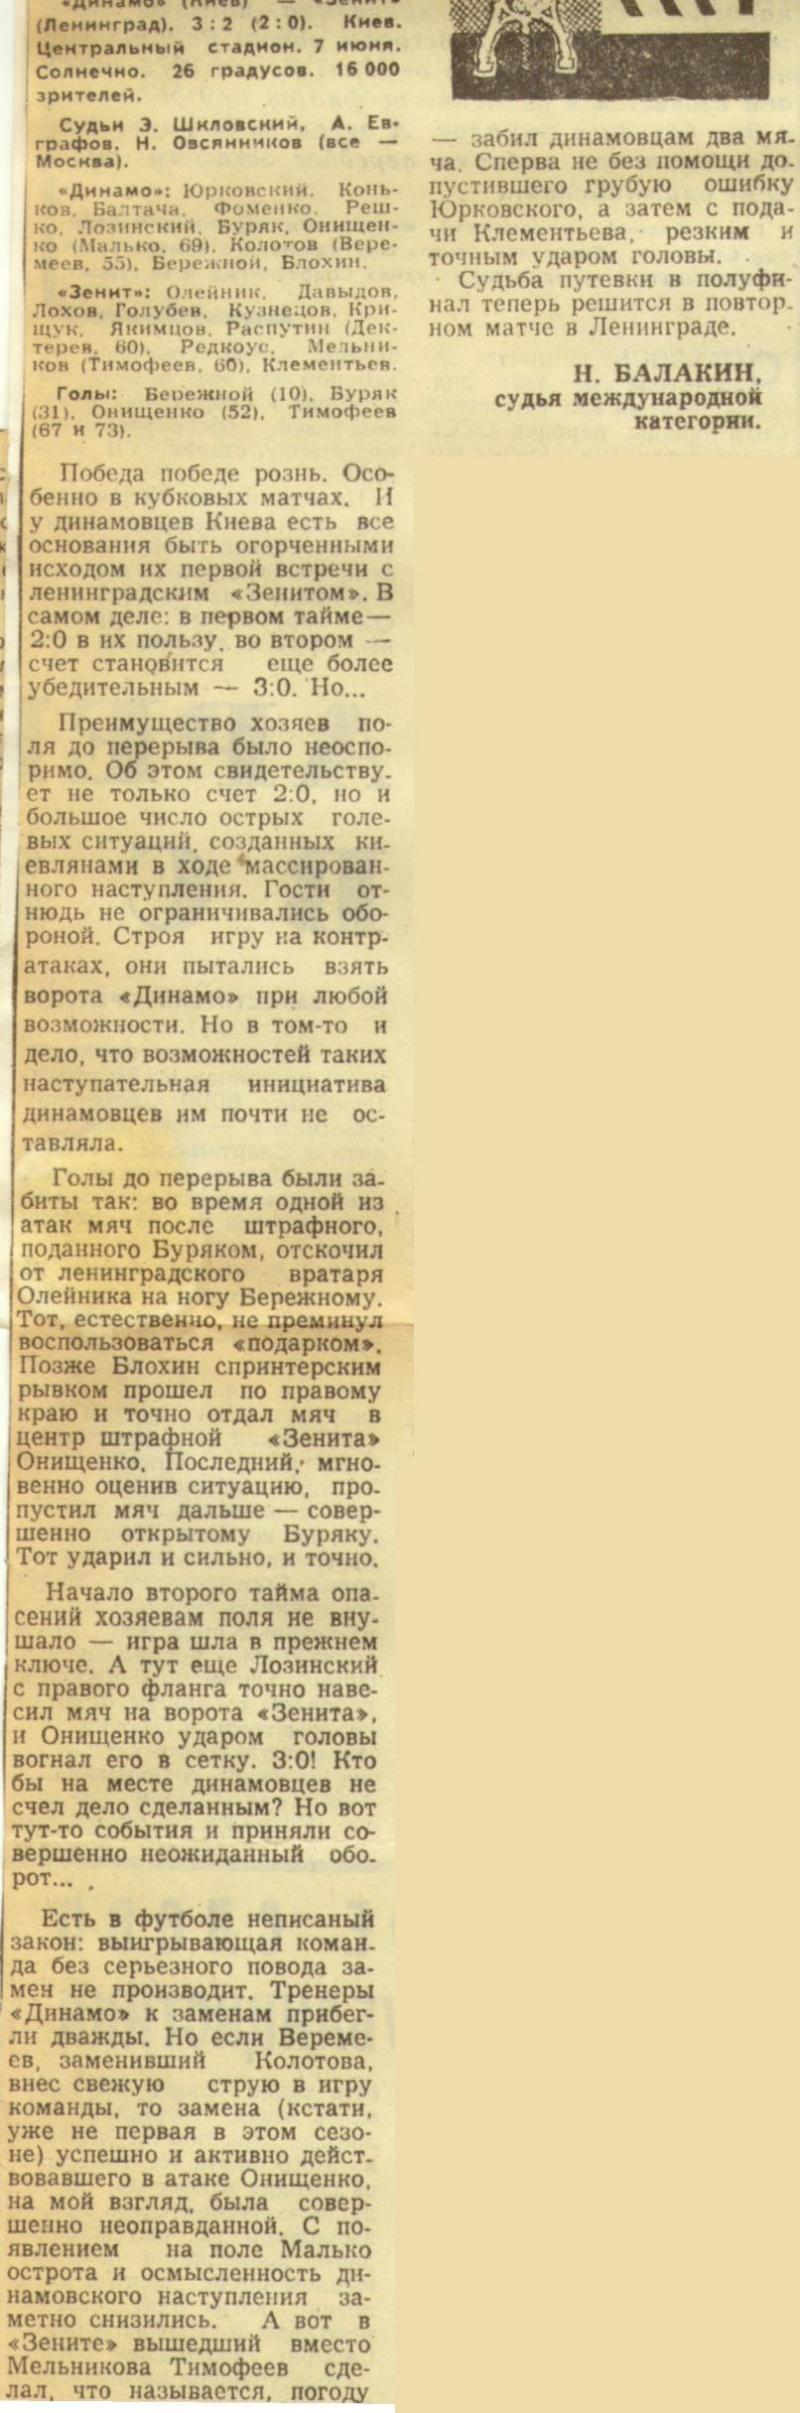 Динамо (Киев) - Зенит (Ленинград) 3:2. Нажмите, чтобы посмотреть истинный размер рисунка